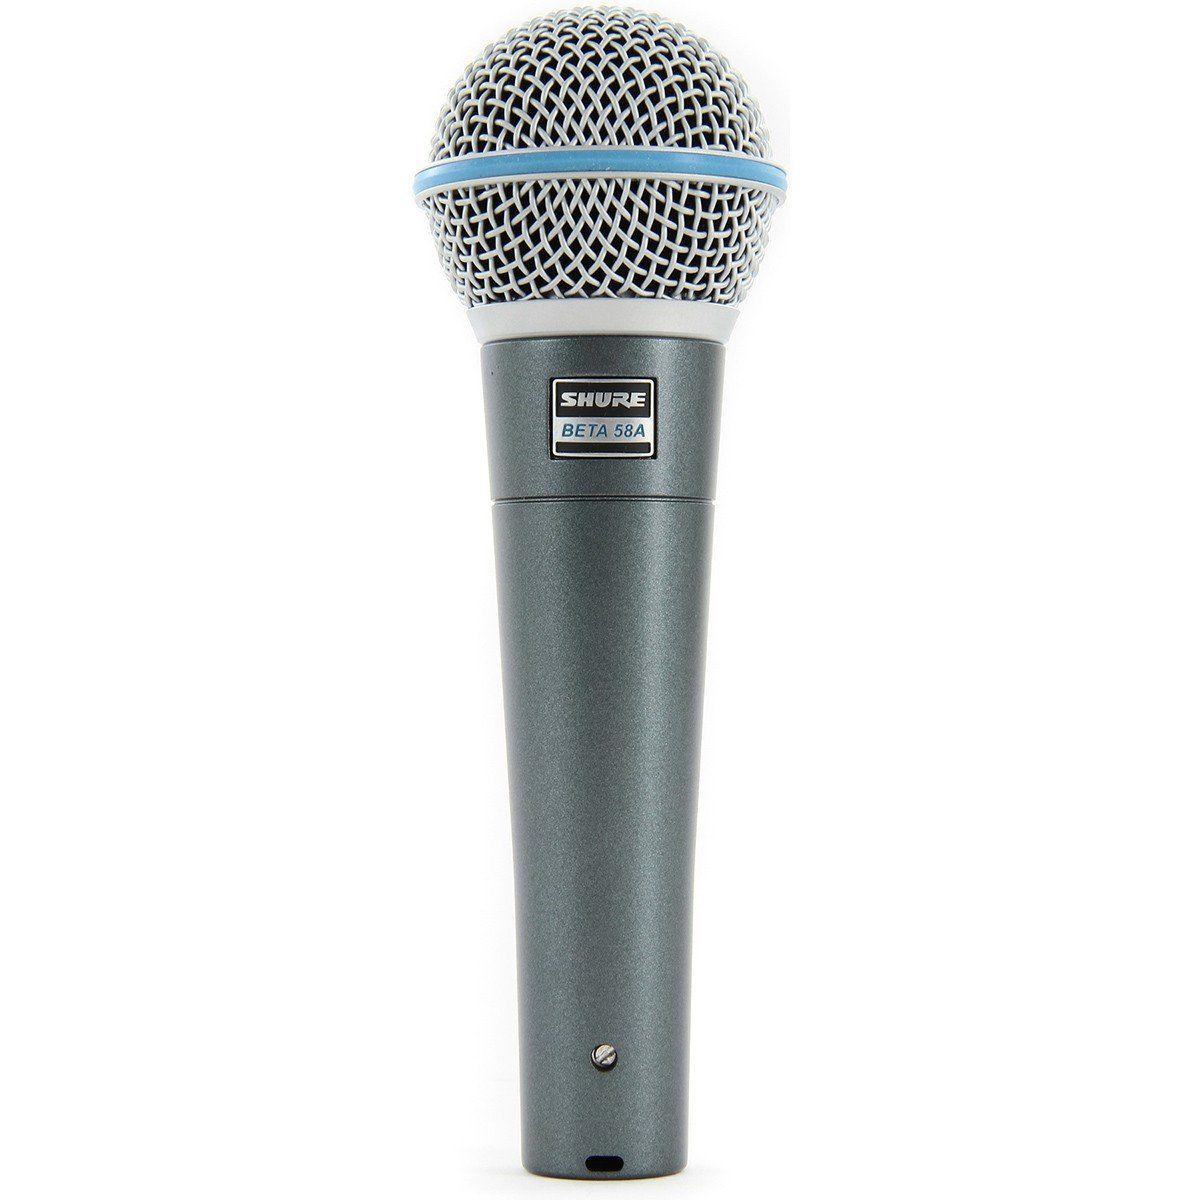 Shure Beta 58A Microfone Dinâmico Supercardióide Shure Beta 58 A para Vocais